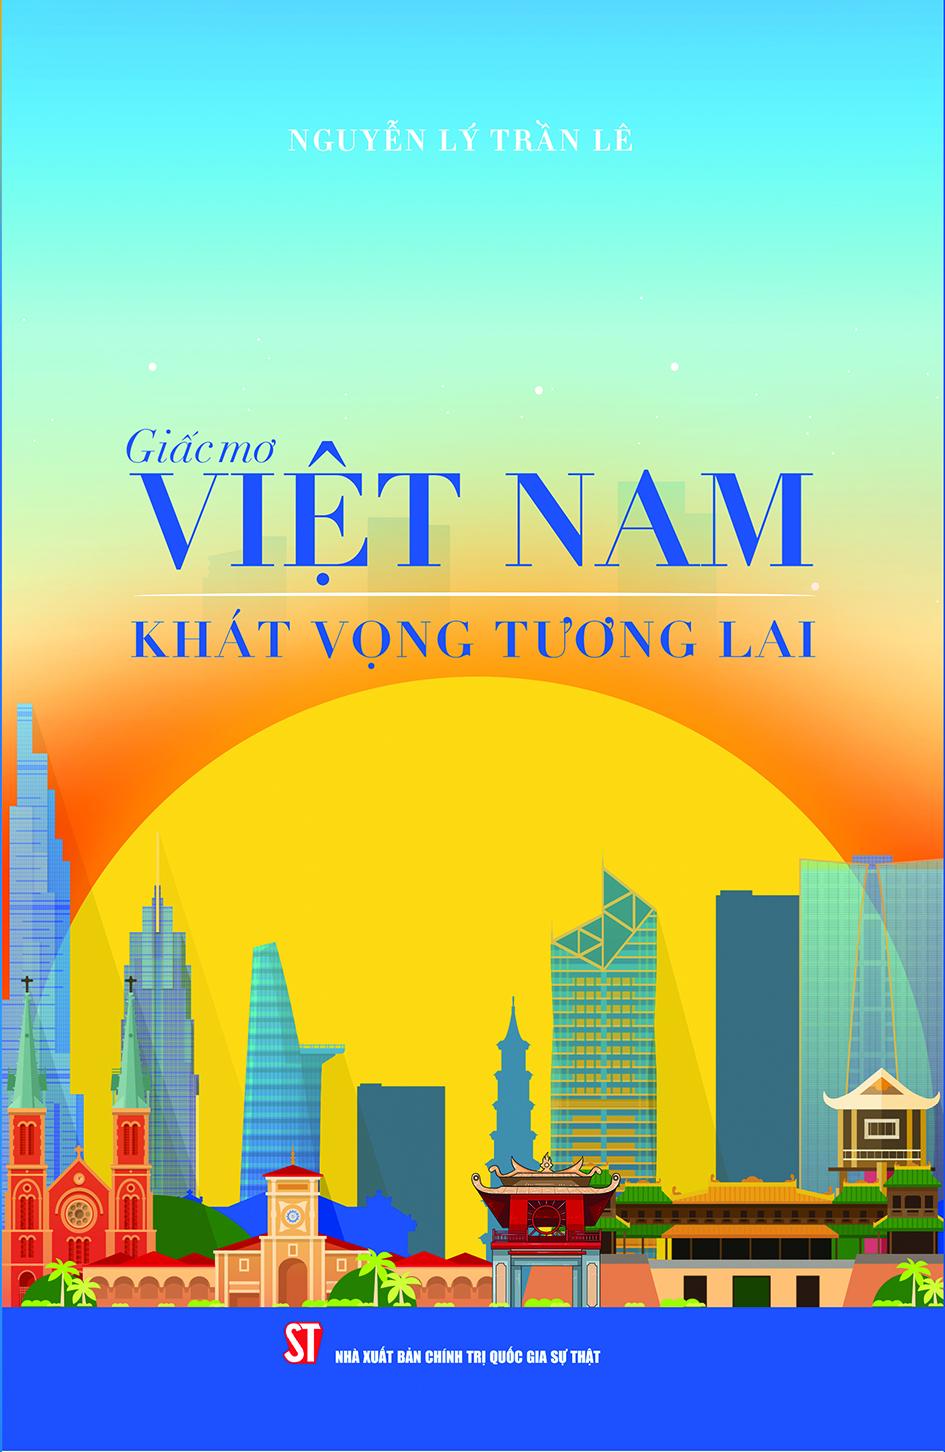 Giấc mơ Việt Nam – Khát vọng tương lai (Sách tham khảo)